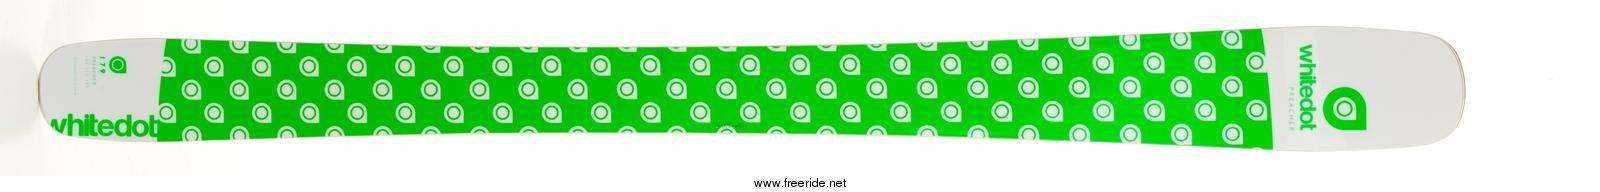 www.freeride.com